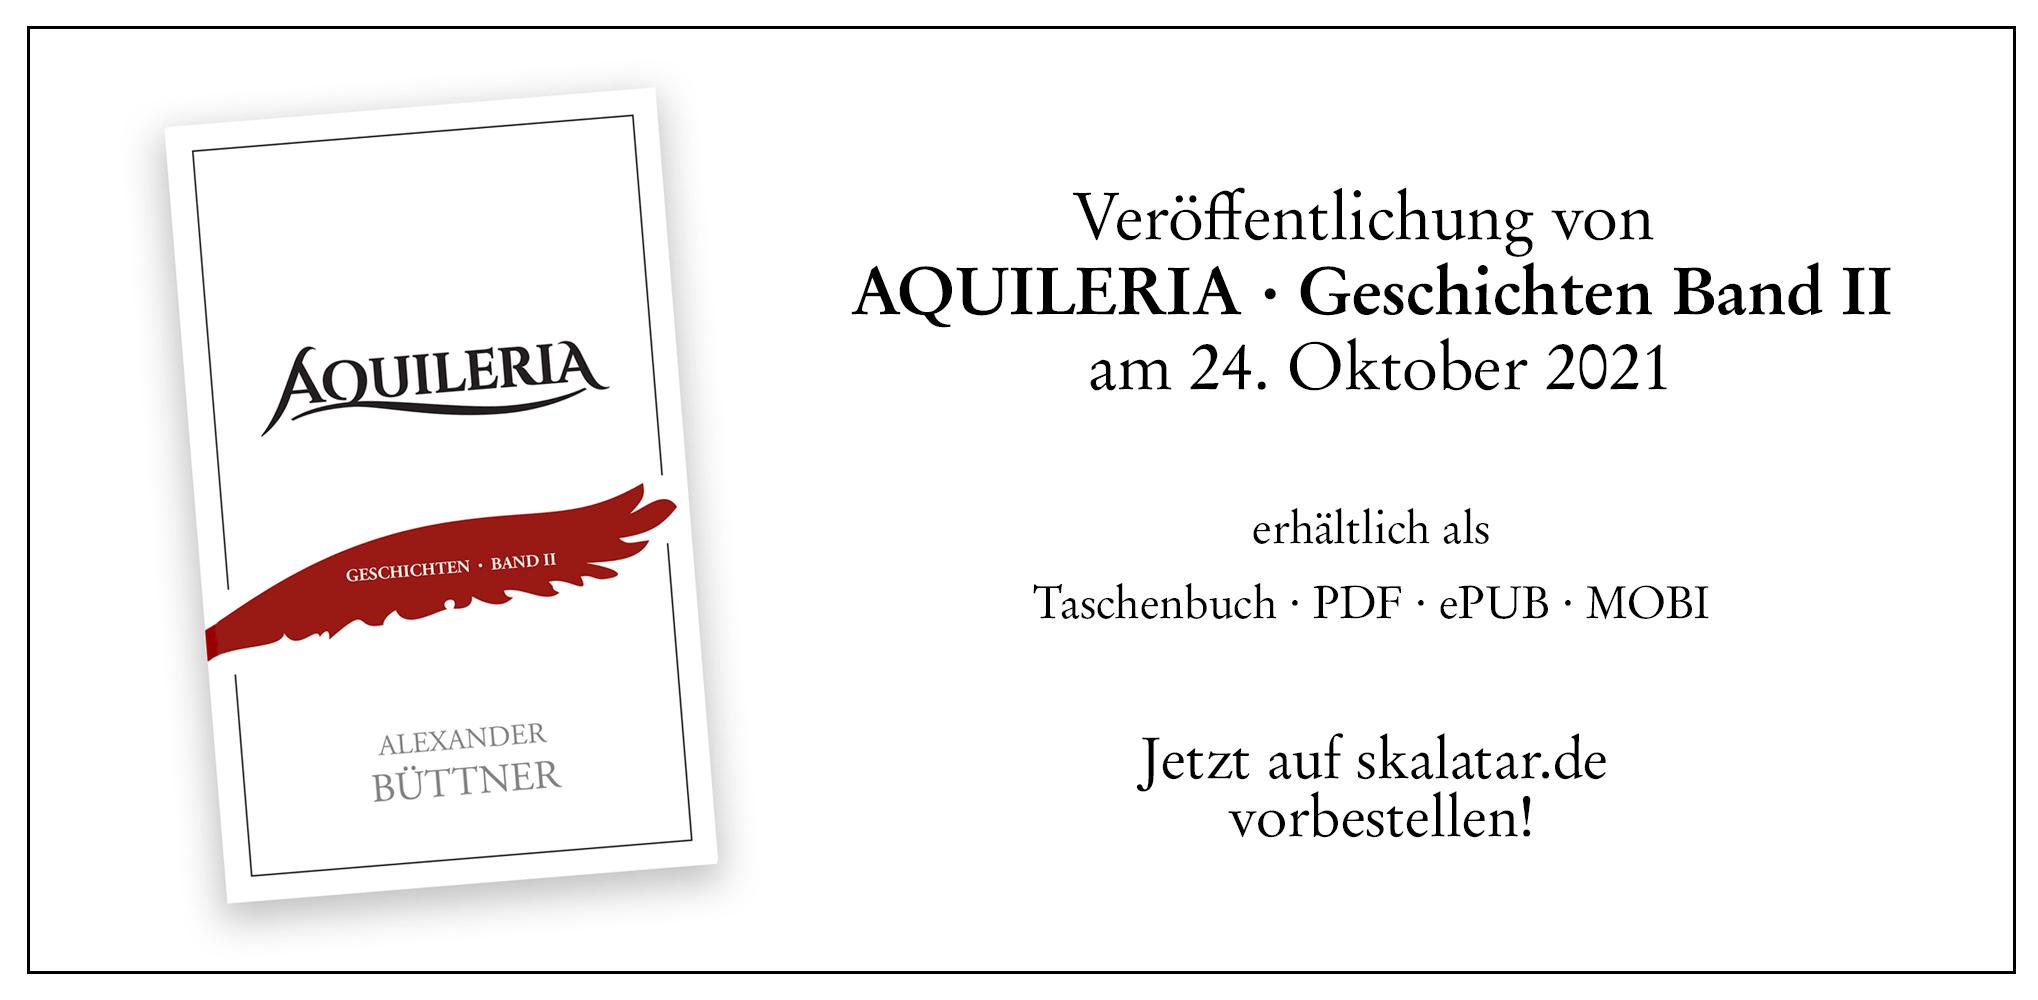 AQUILERIA · Geschichten Band II auf skalatar.de vorbestellen.